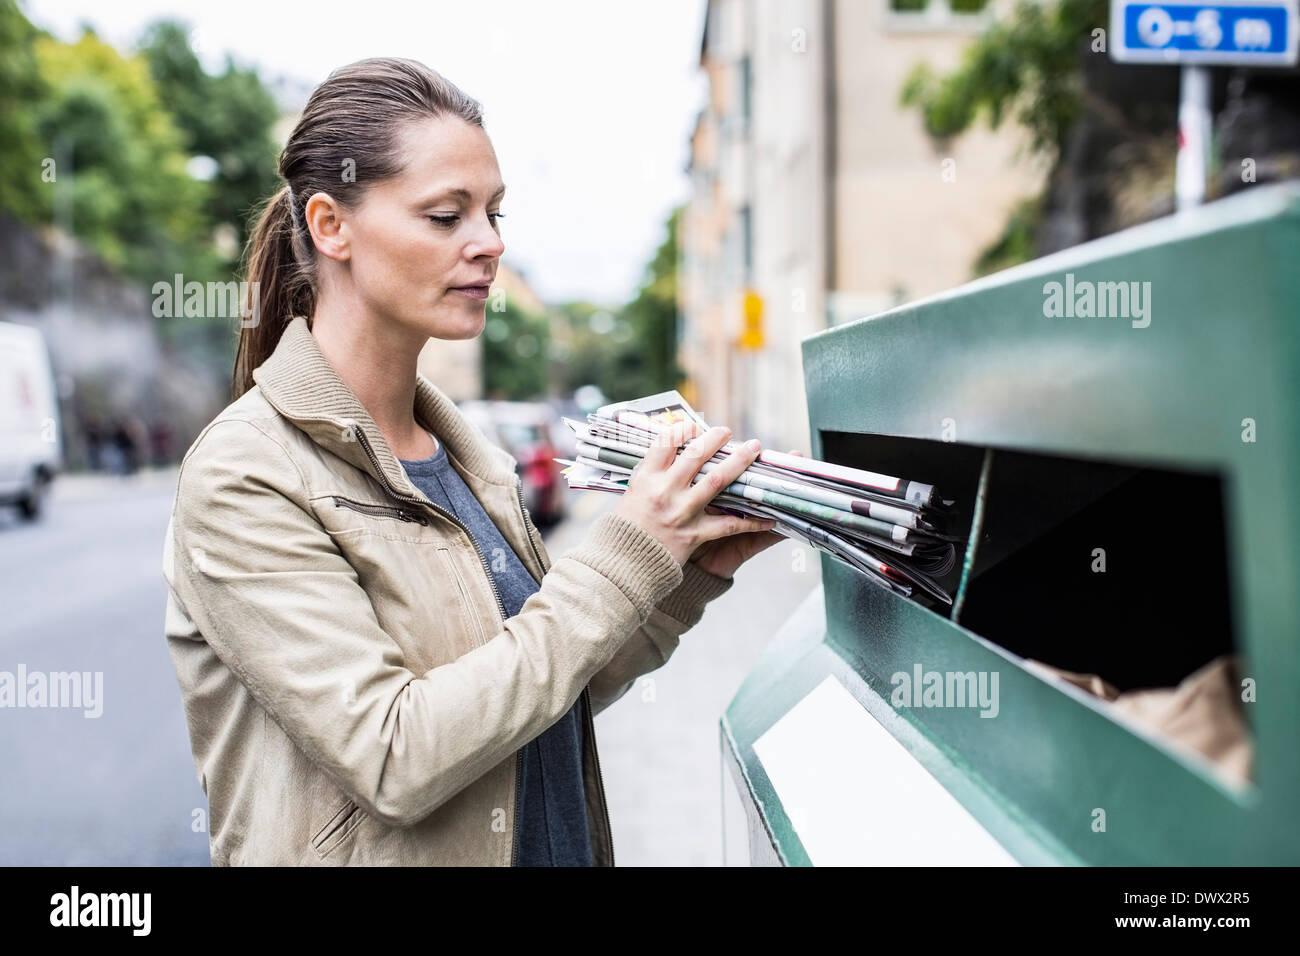 Mujer adulta media poniendo periódicos en Papelera de reciclaje Imagen De Stock